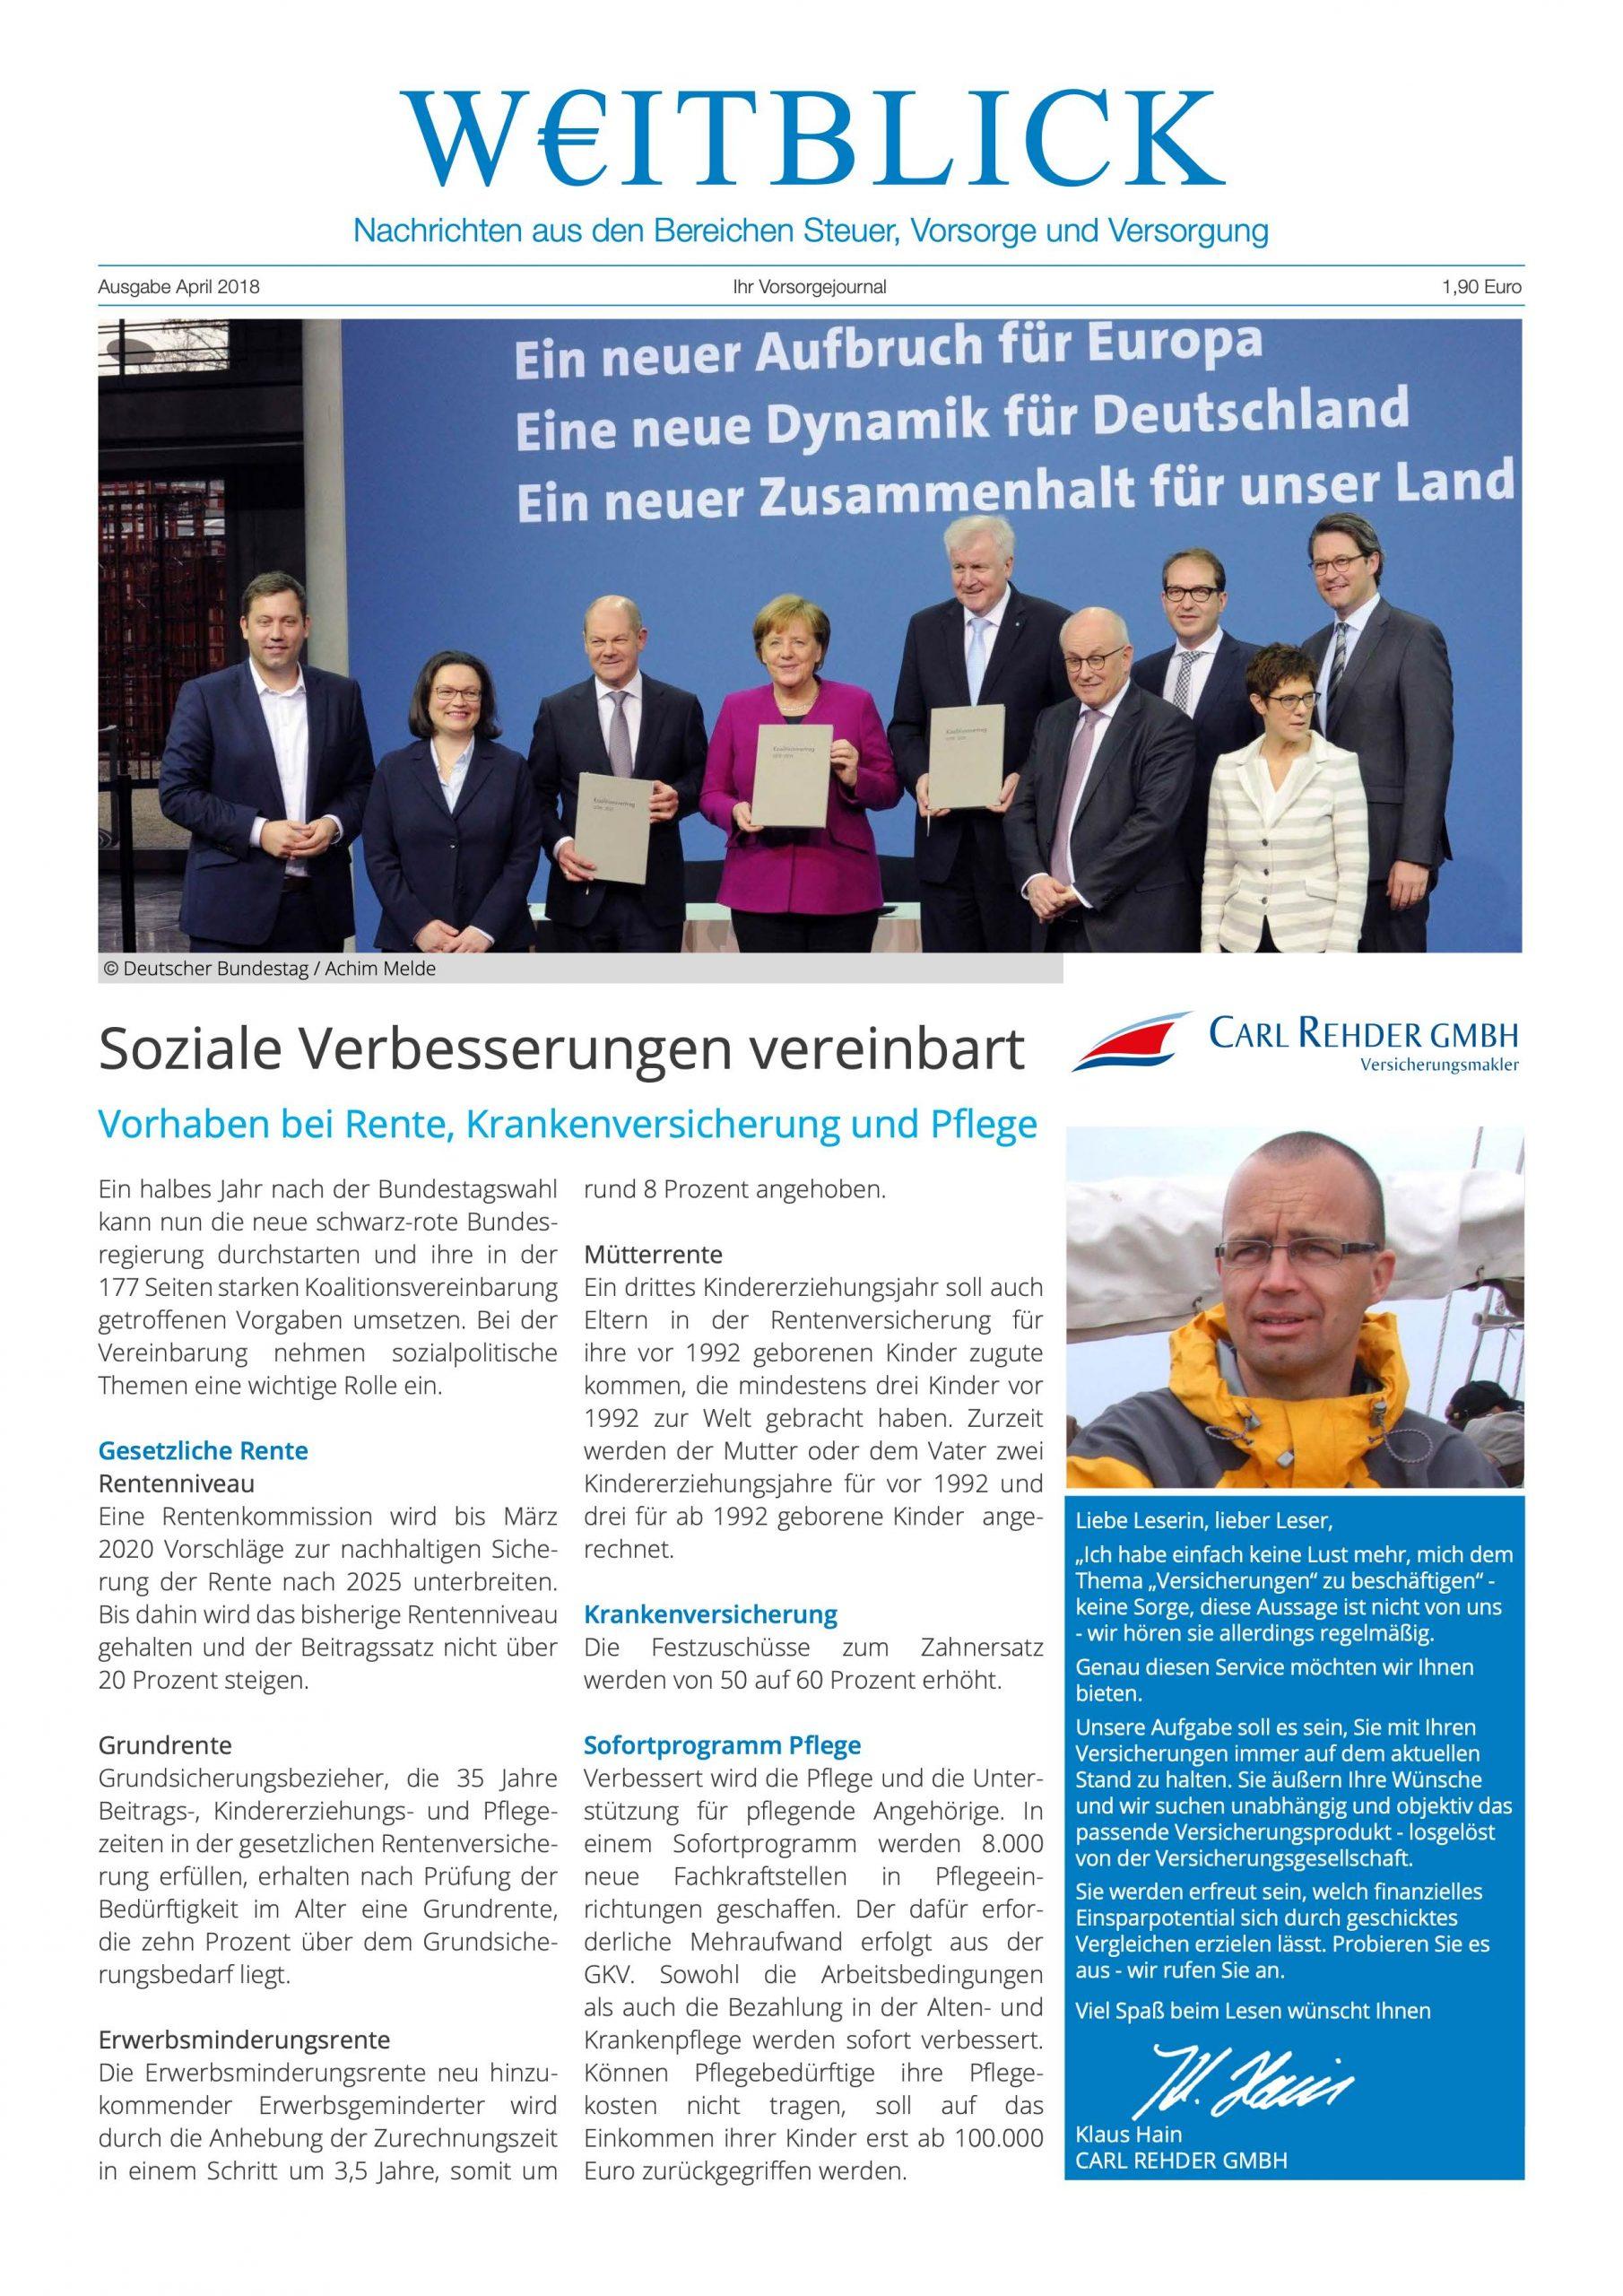 Weitblick Ausgabe April 2018 jetzt online!